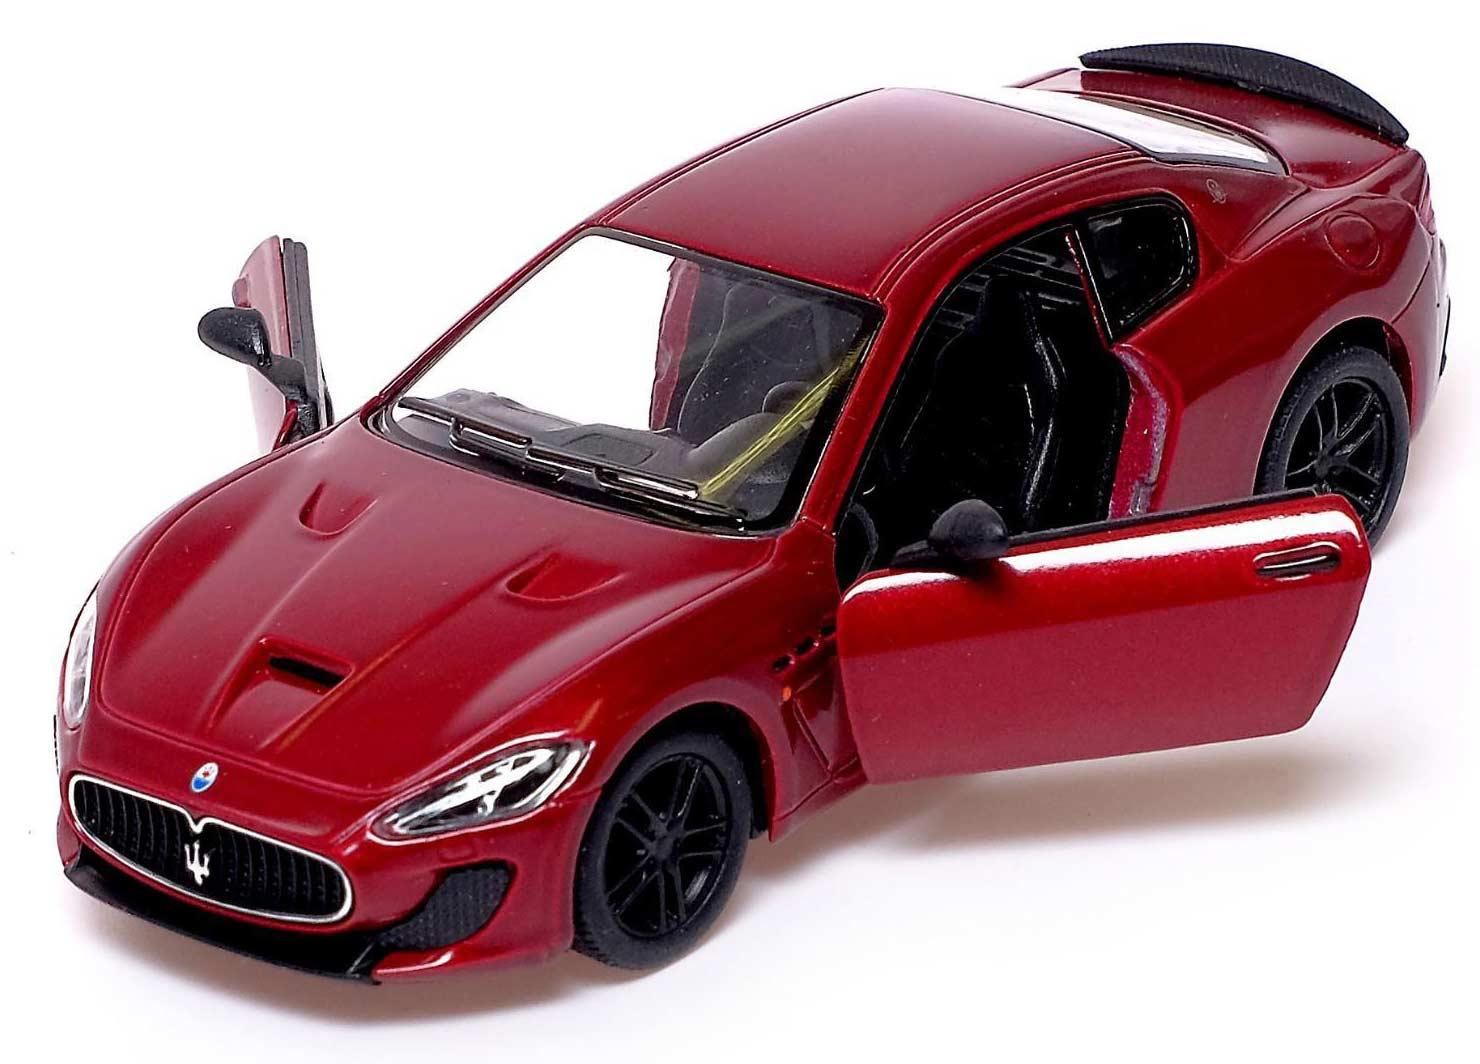 Машинка металлическая Kinsmart 1:38 «2016 Maserati GranTurismo MC Stradale» KT5395D инерционная / Микс